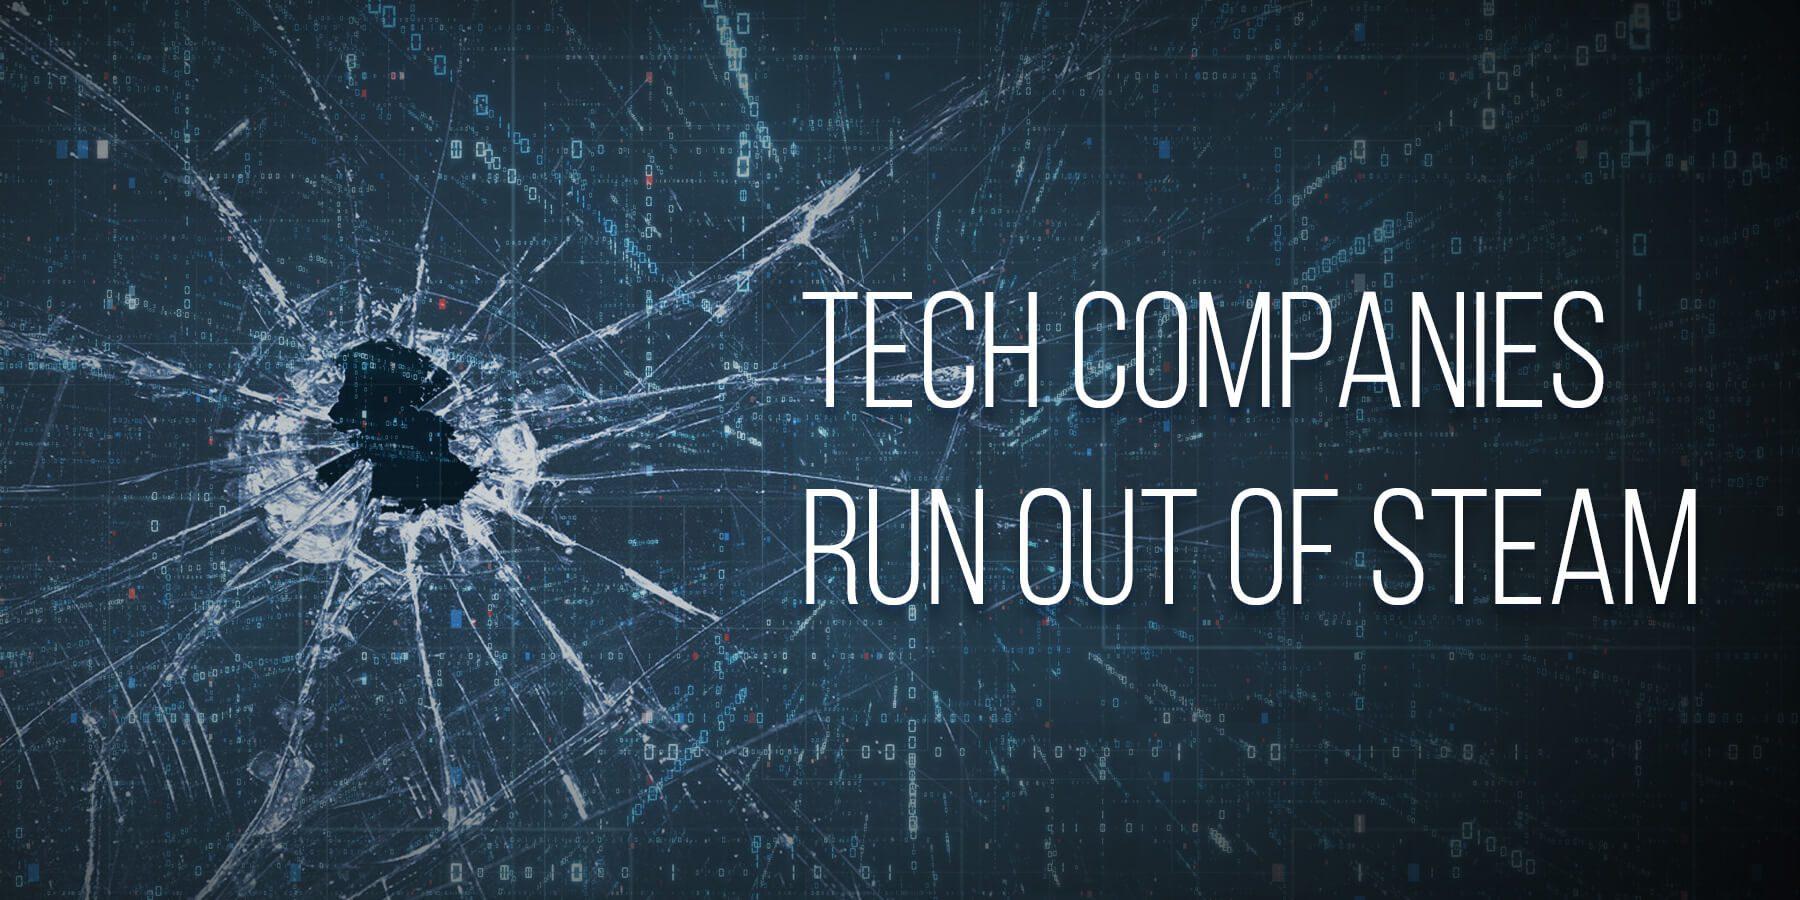 Người khổng lồ công nghệ sắp rơi hay họ?